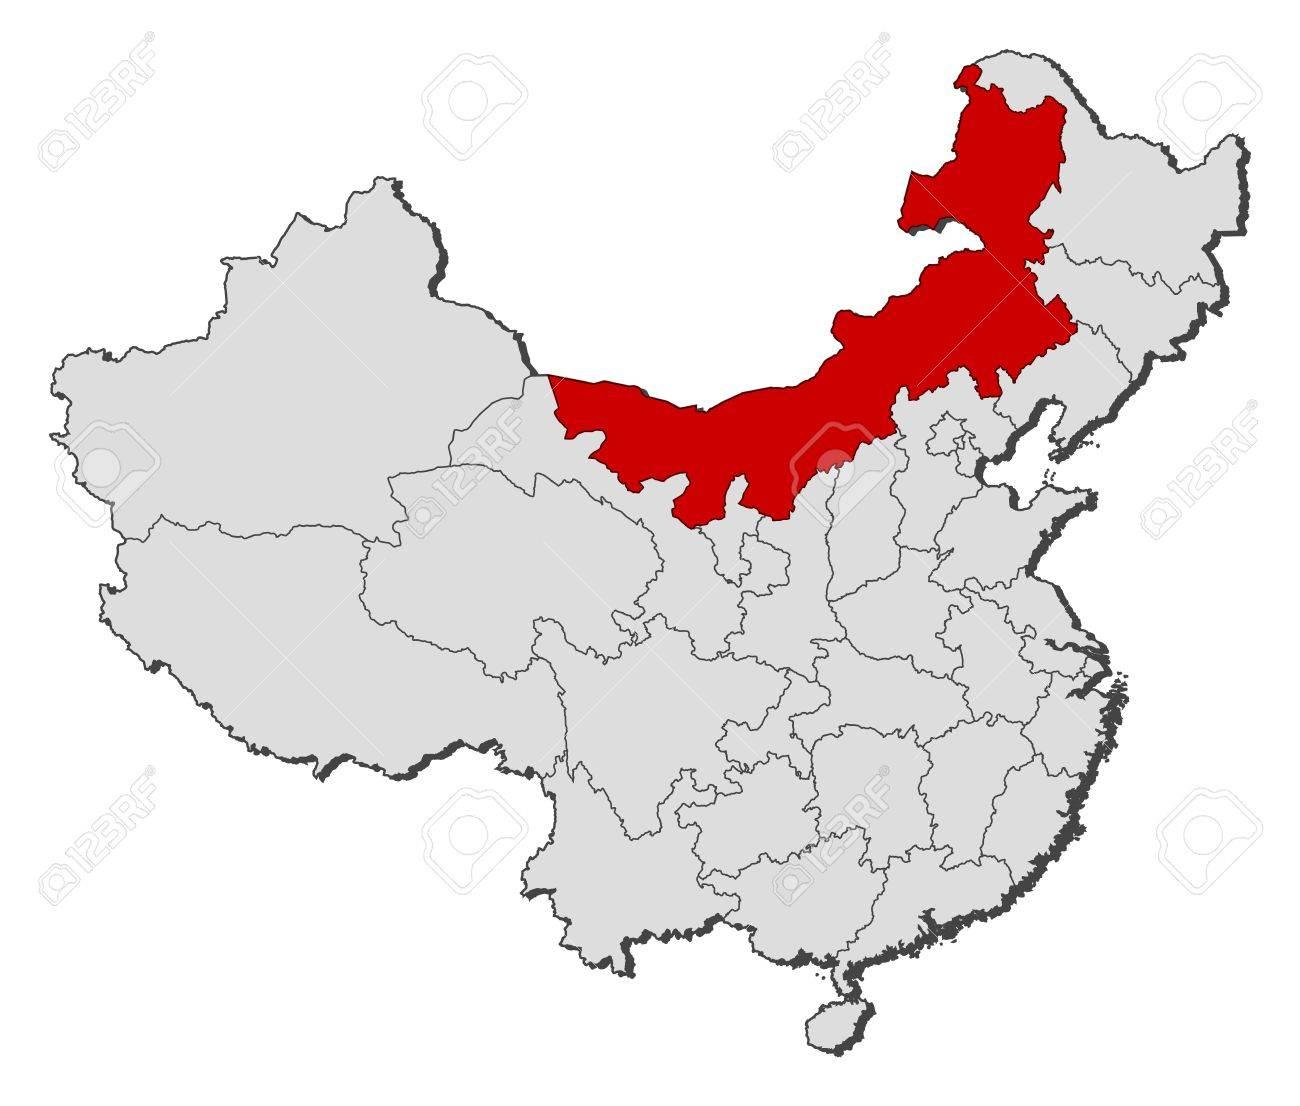 Carte Chine Mongolie.Carte Politique De La Chine Avec Les Differentes Provinces Ou La Mongolie Interieure Est En Surbrillance